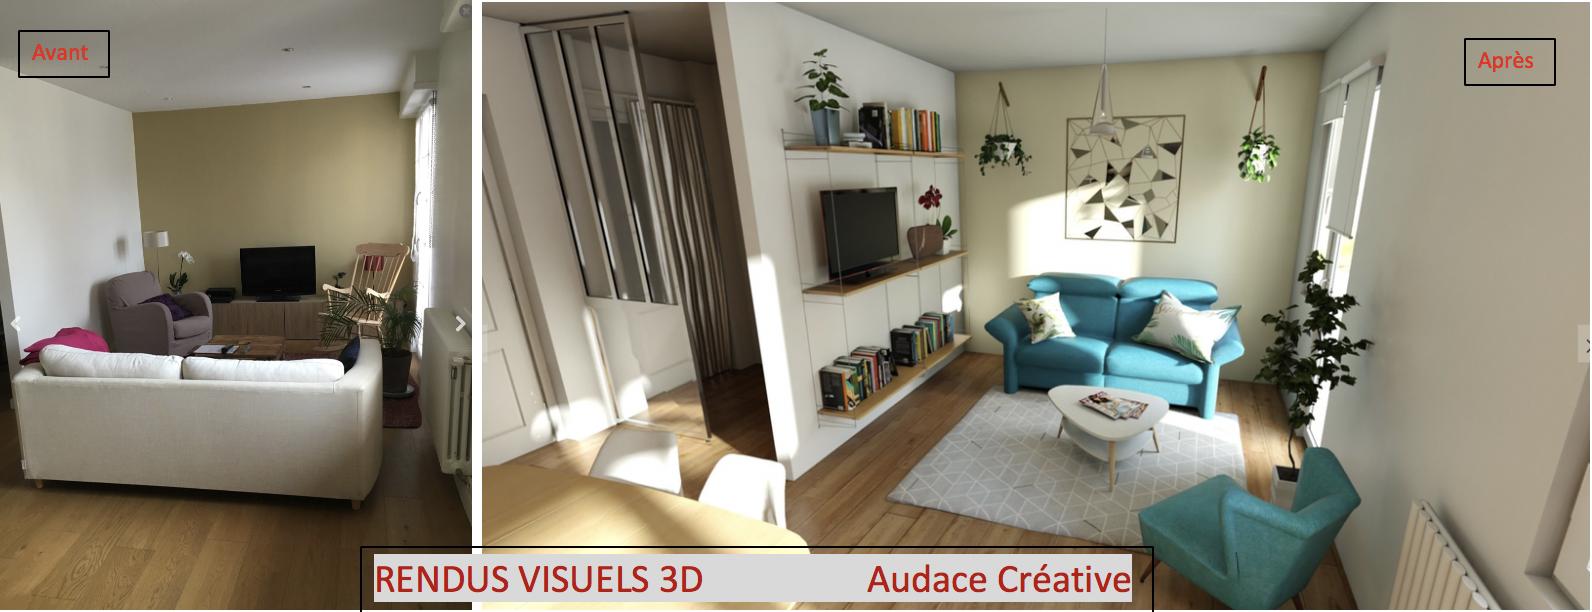 """Home Staging Photos Avant Après le home staging virtuel 3d avec photos """"avant"""" et rendus"""